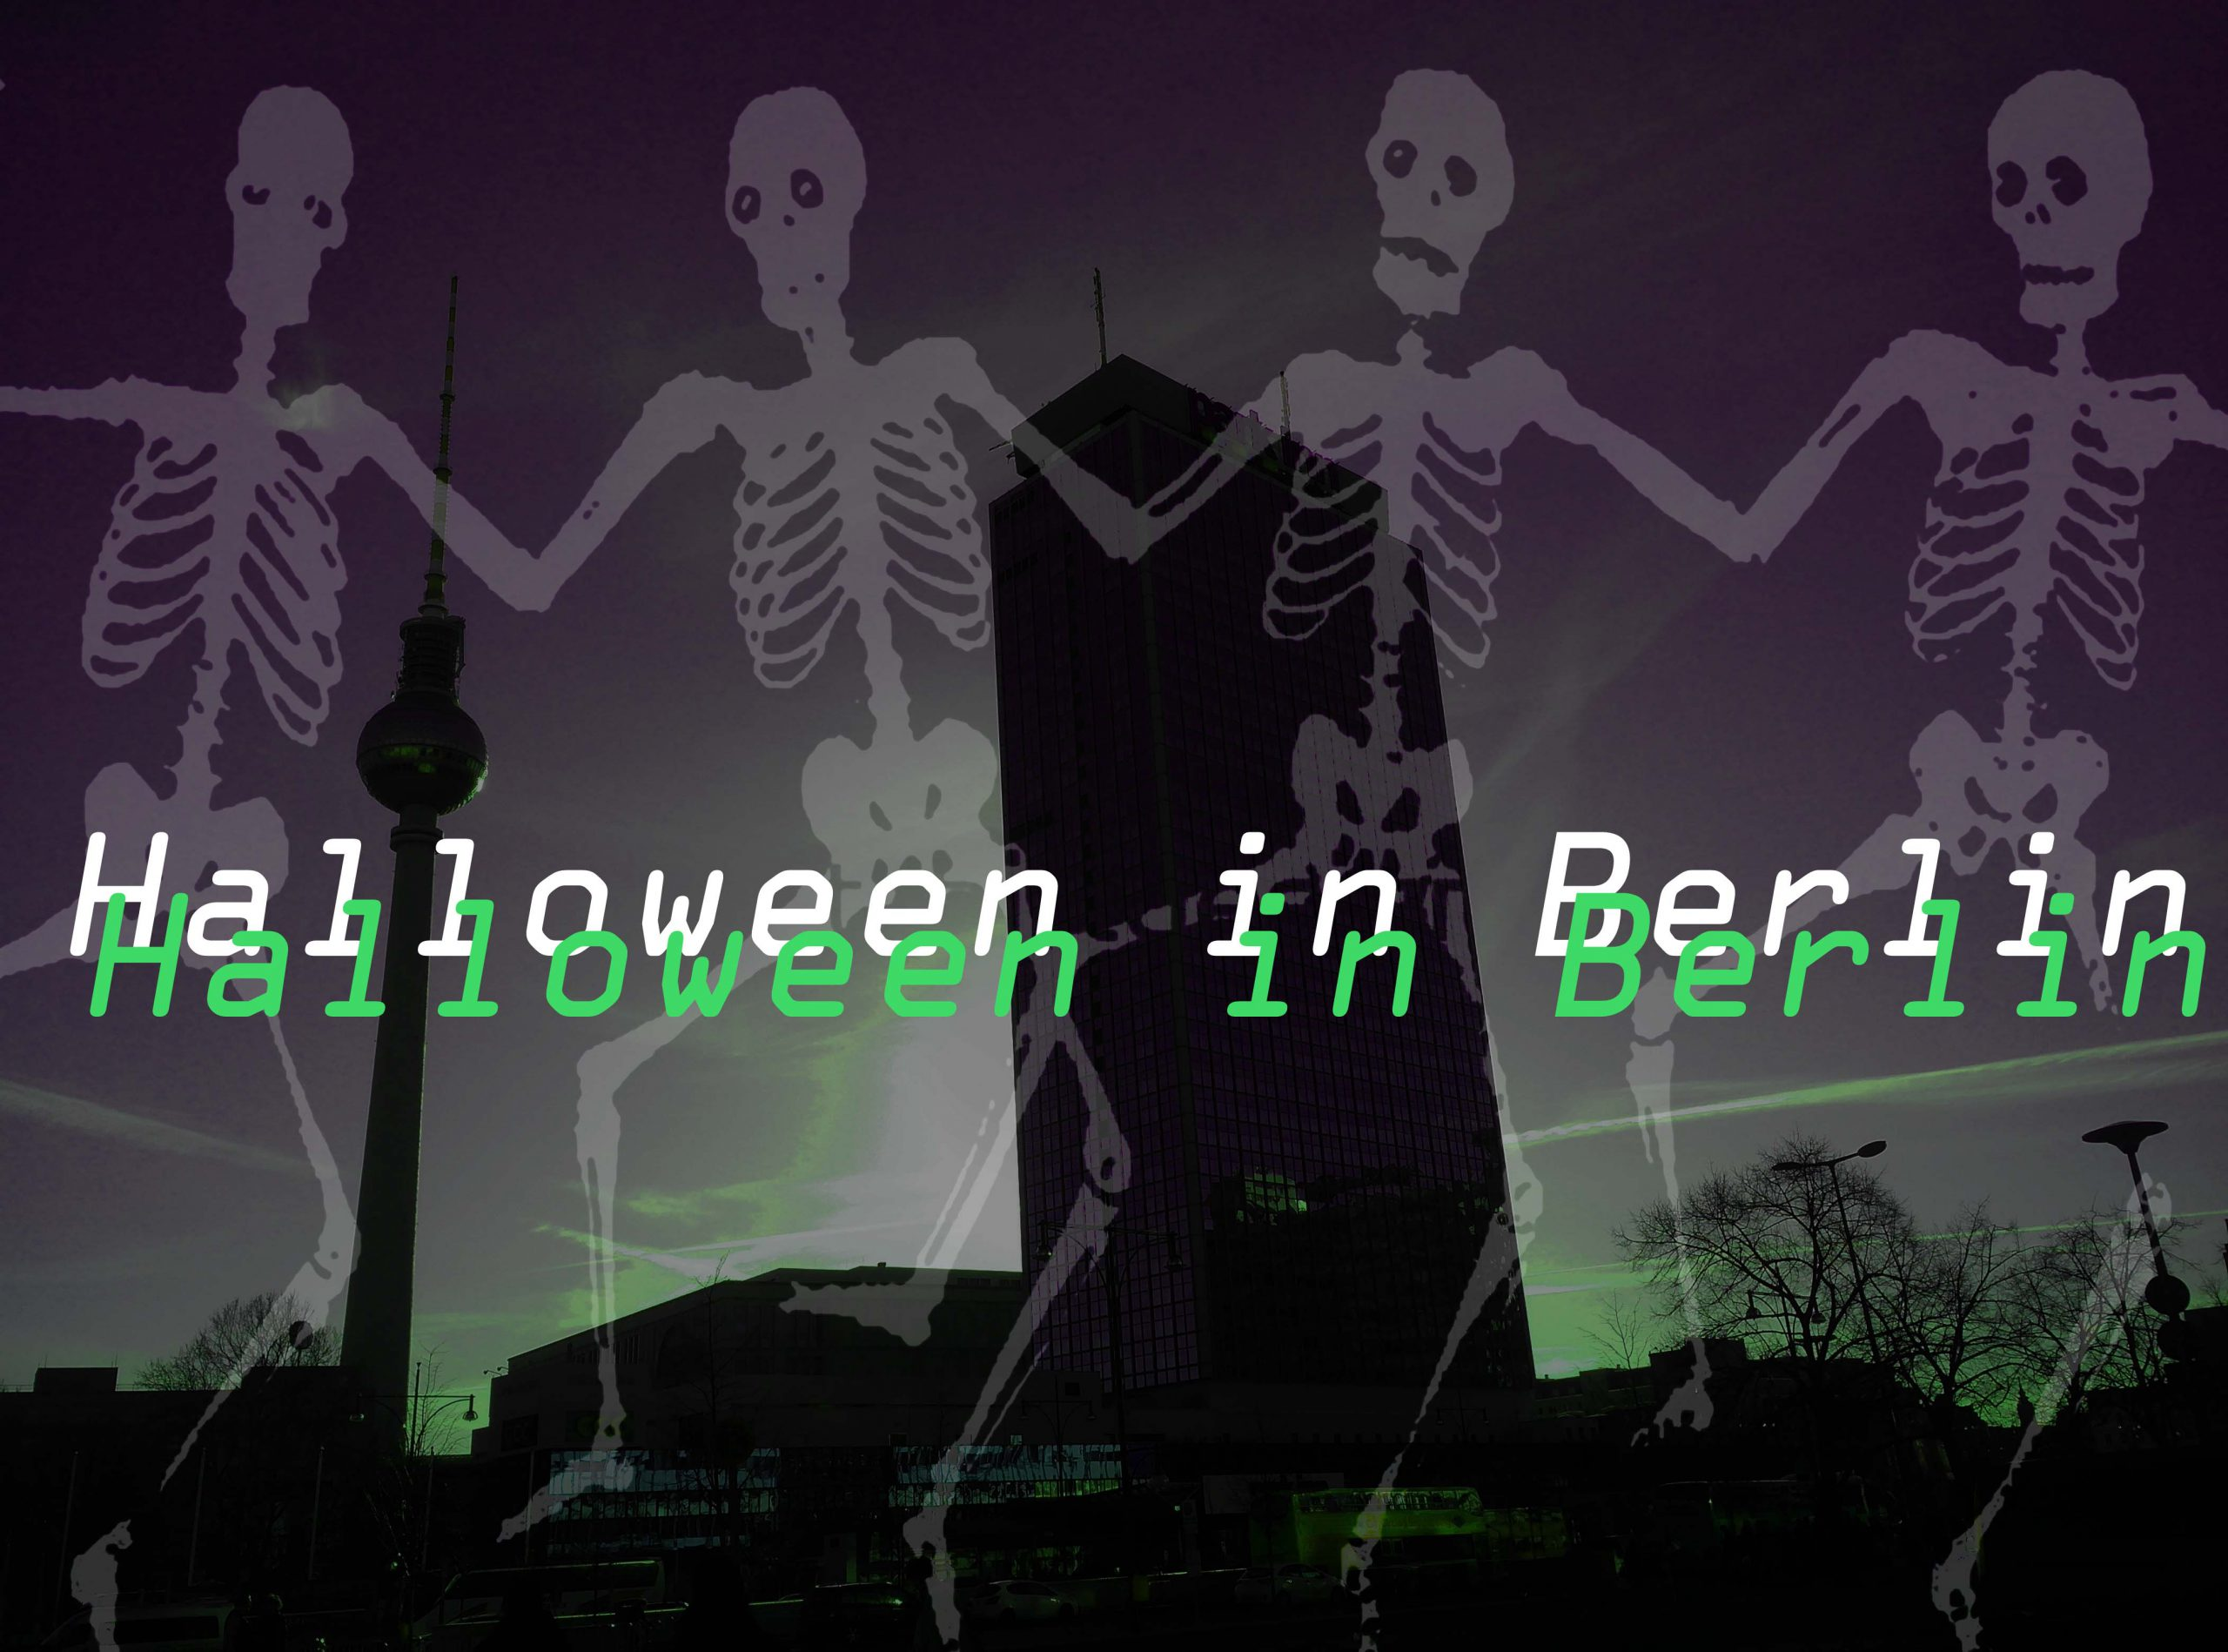 Berlin Halloween|||||